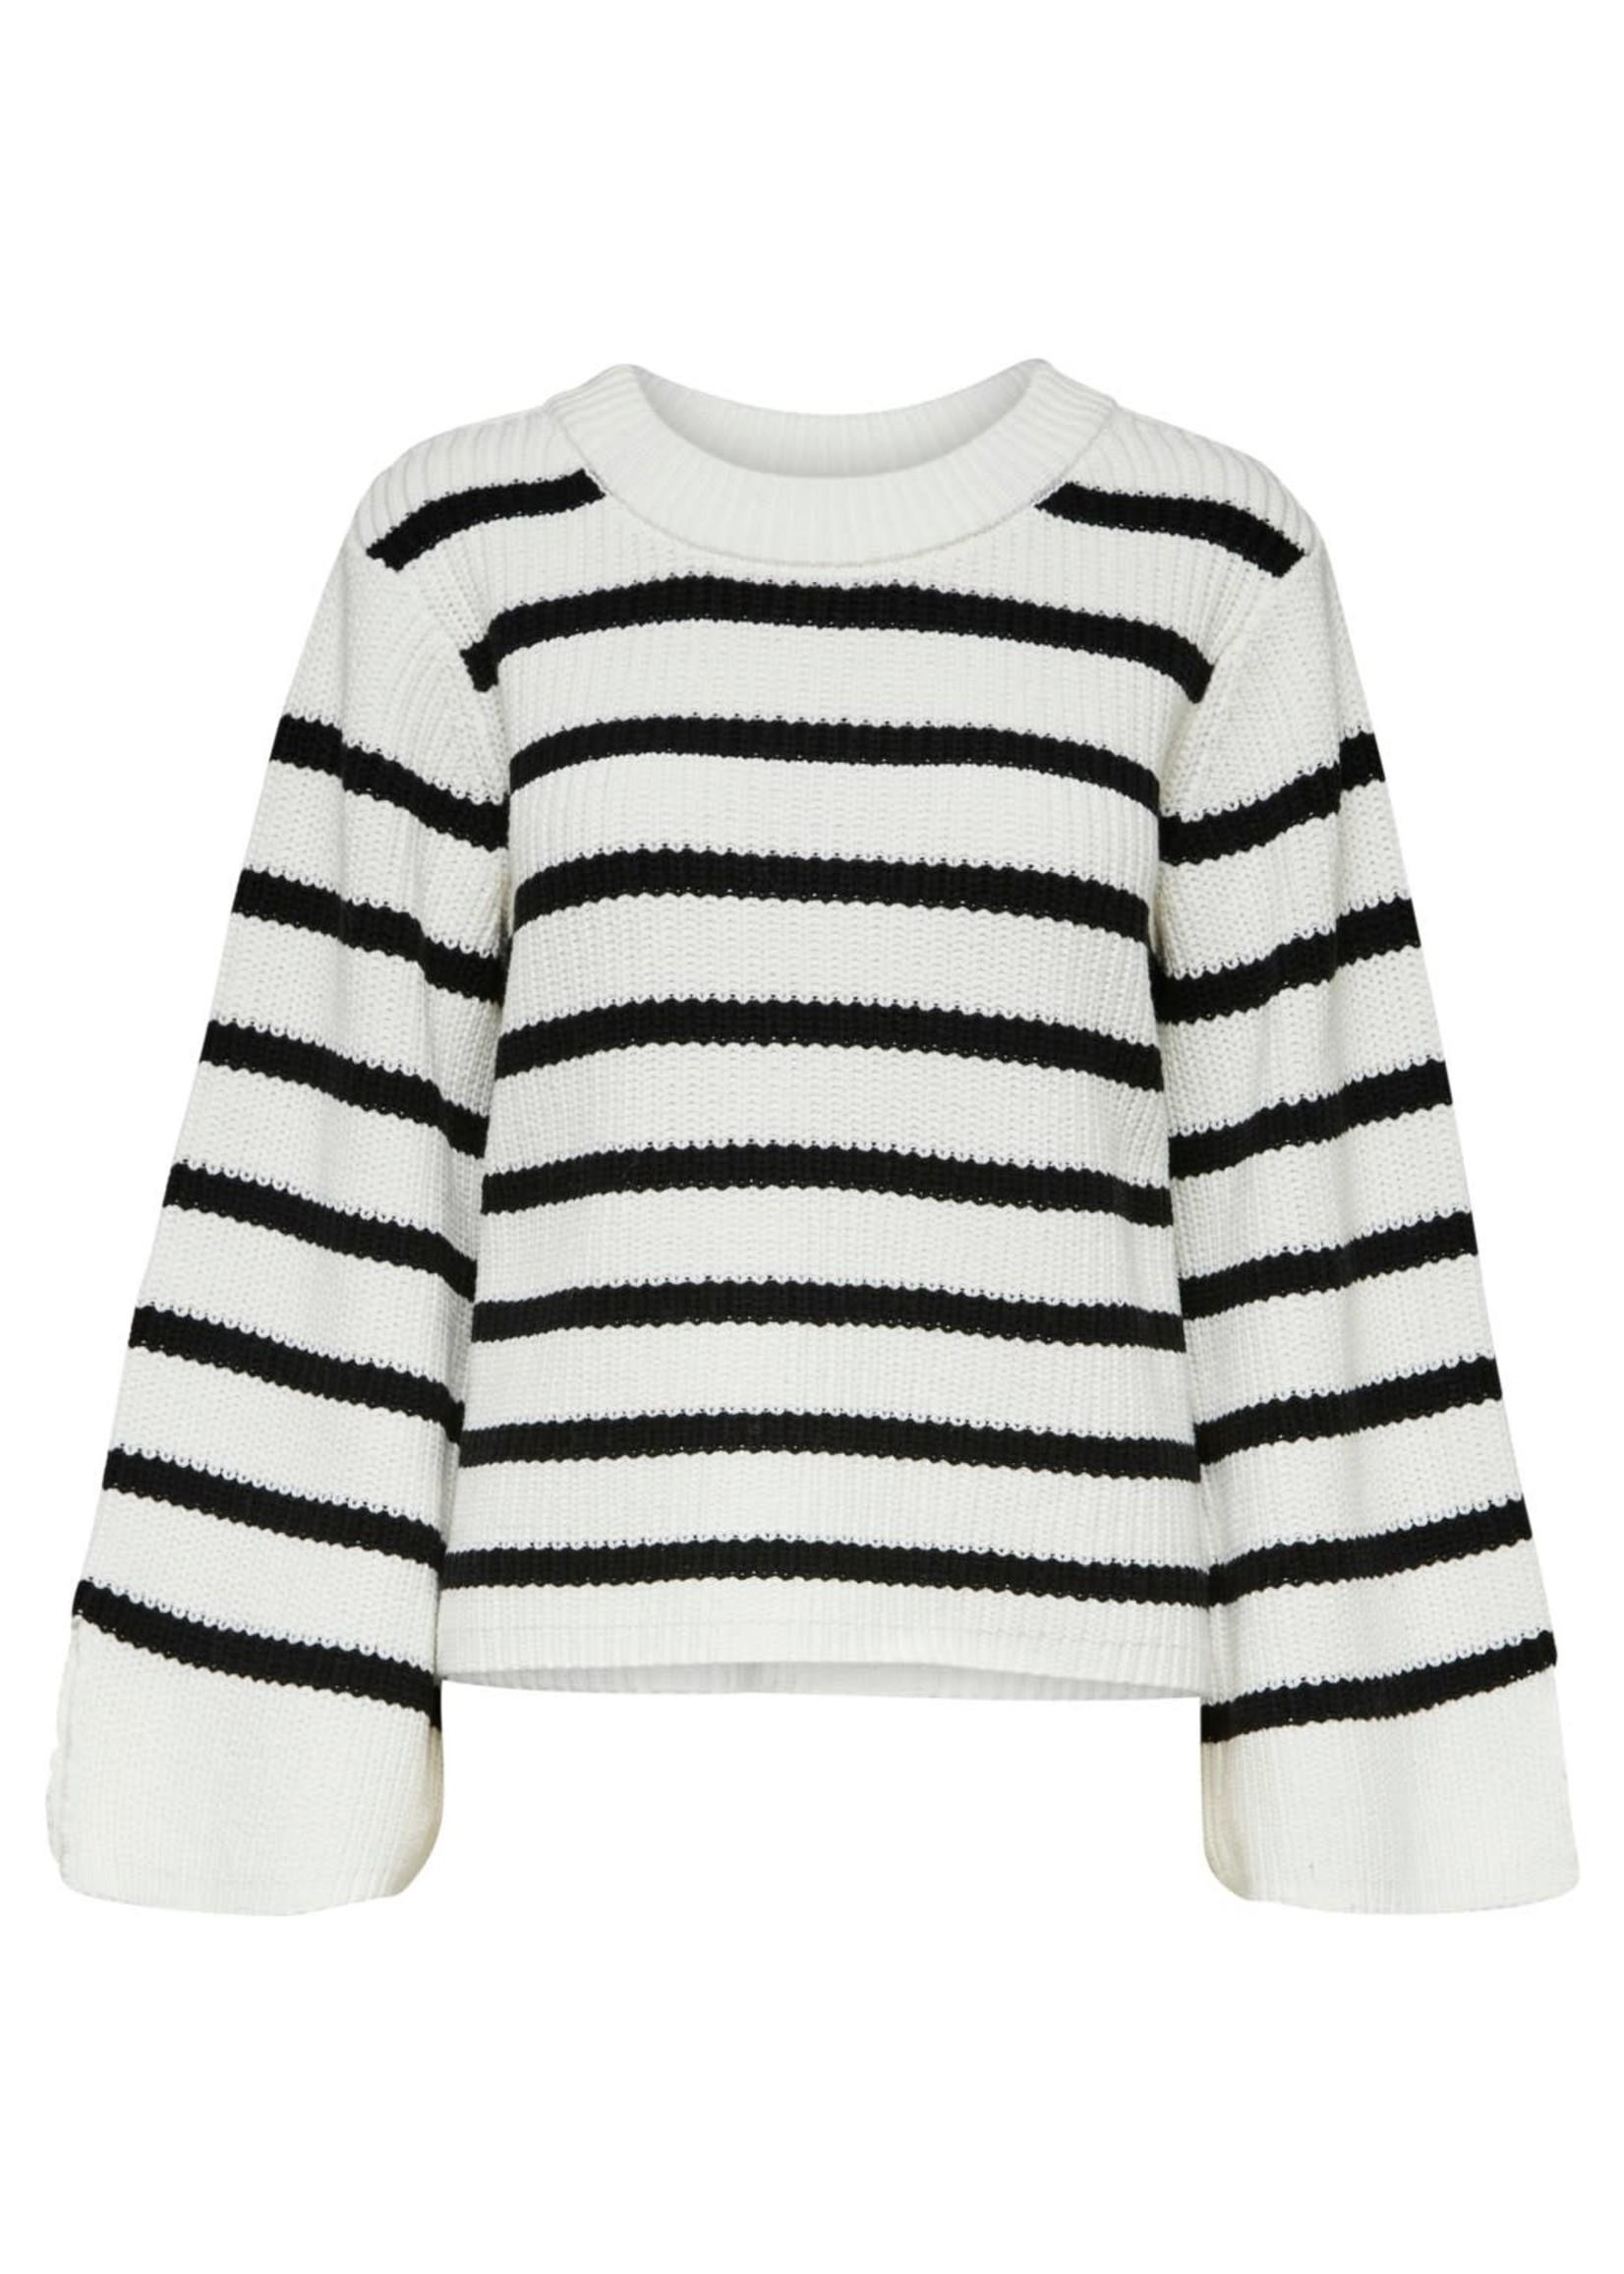 Selected Femme Kisa knit o-neck S/36